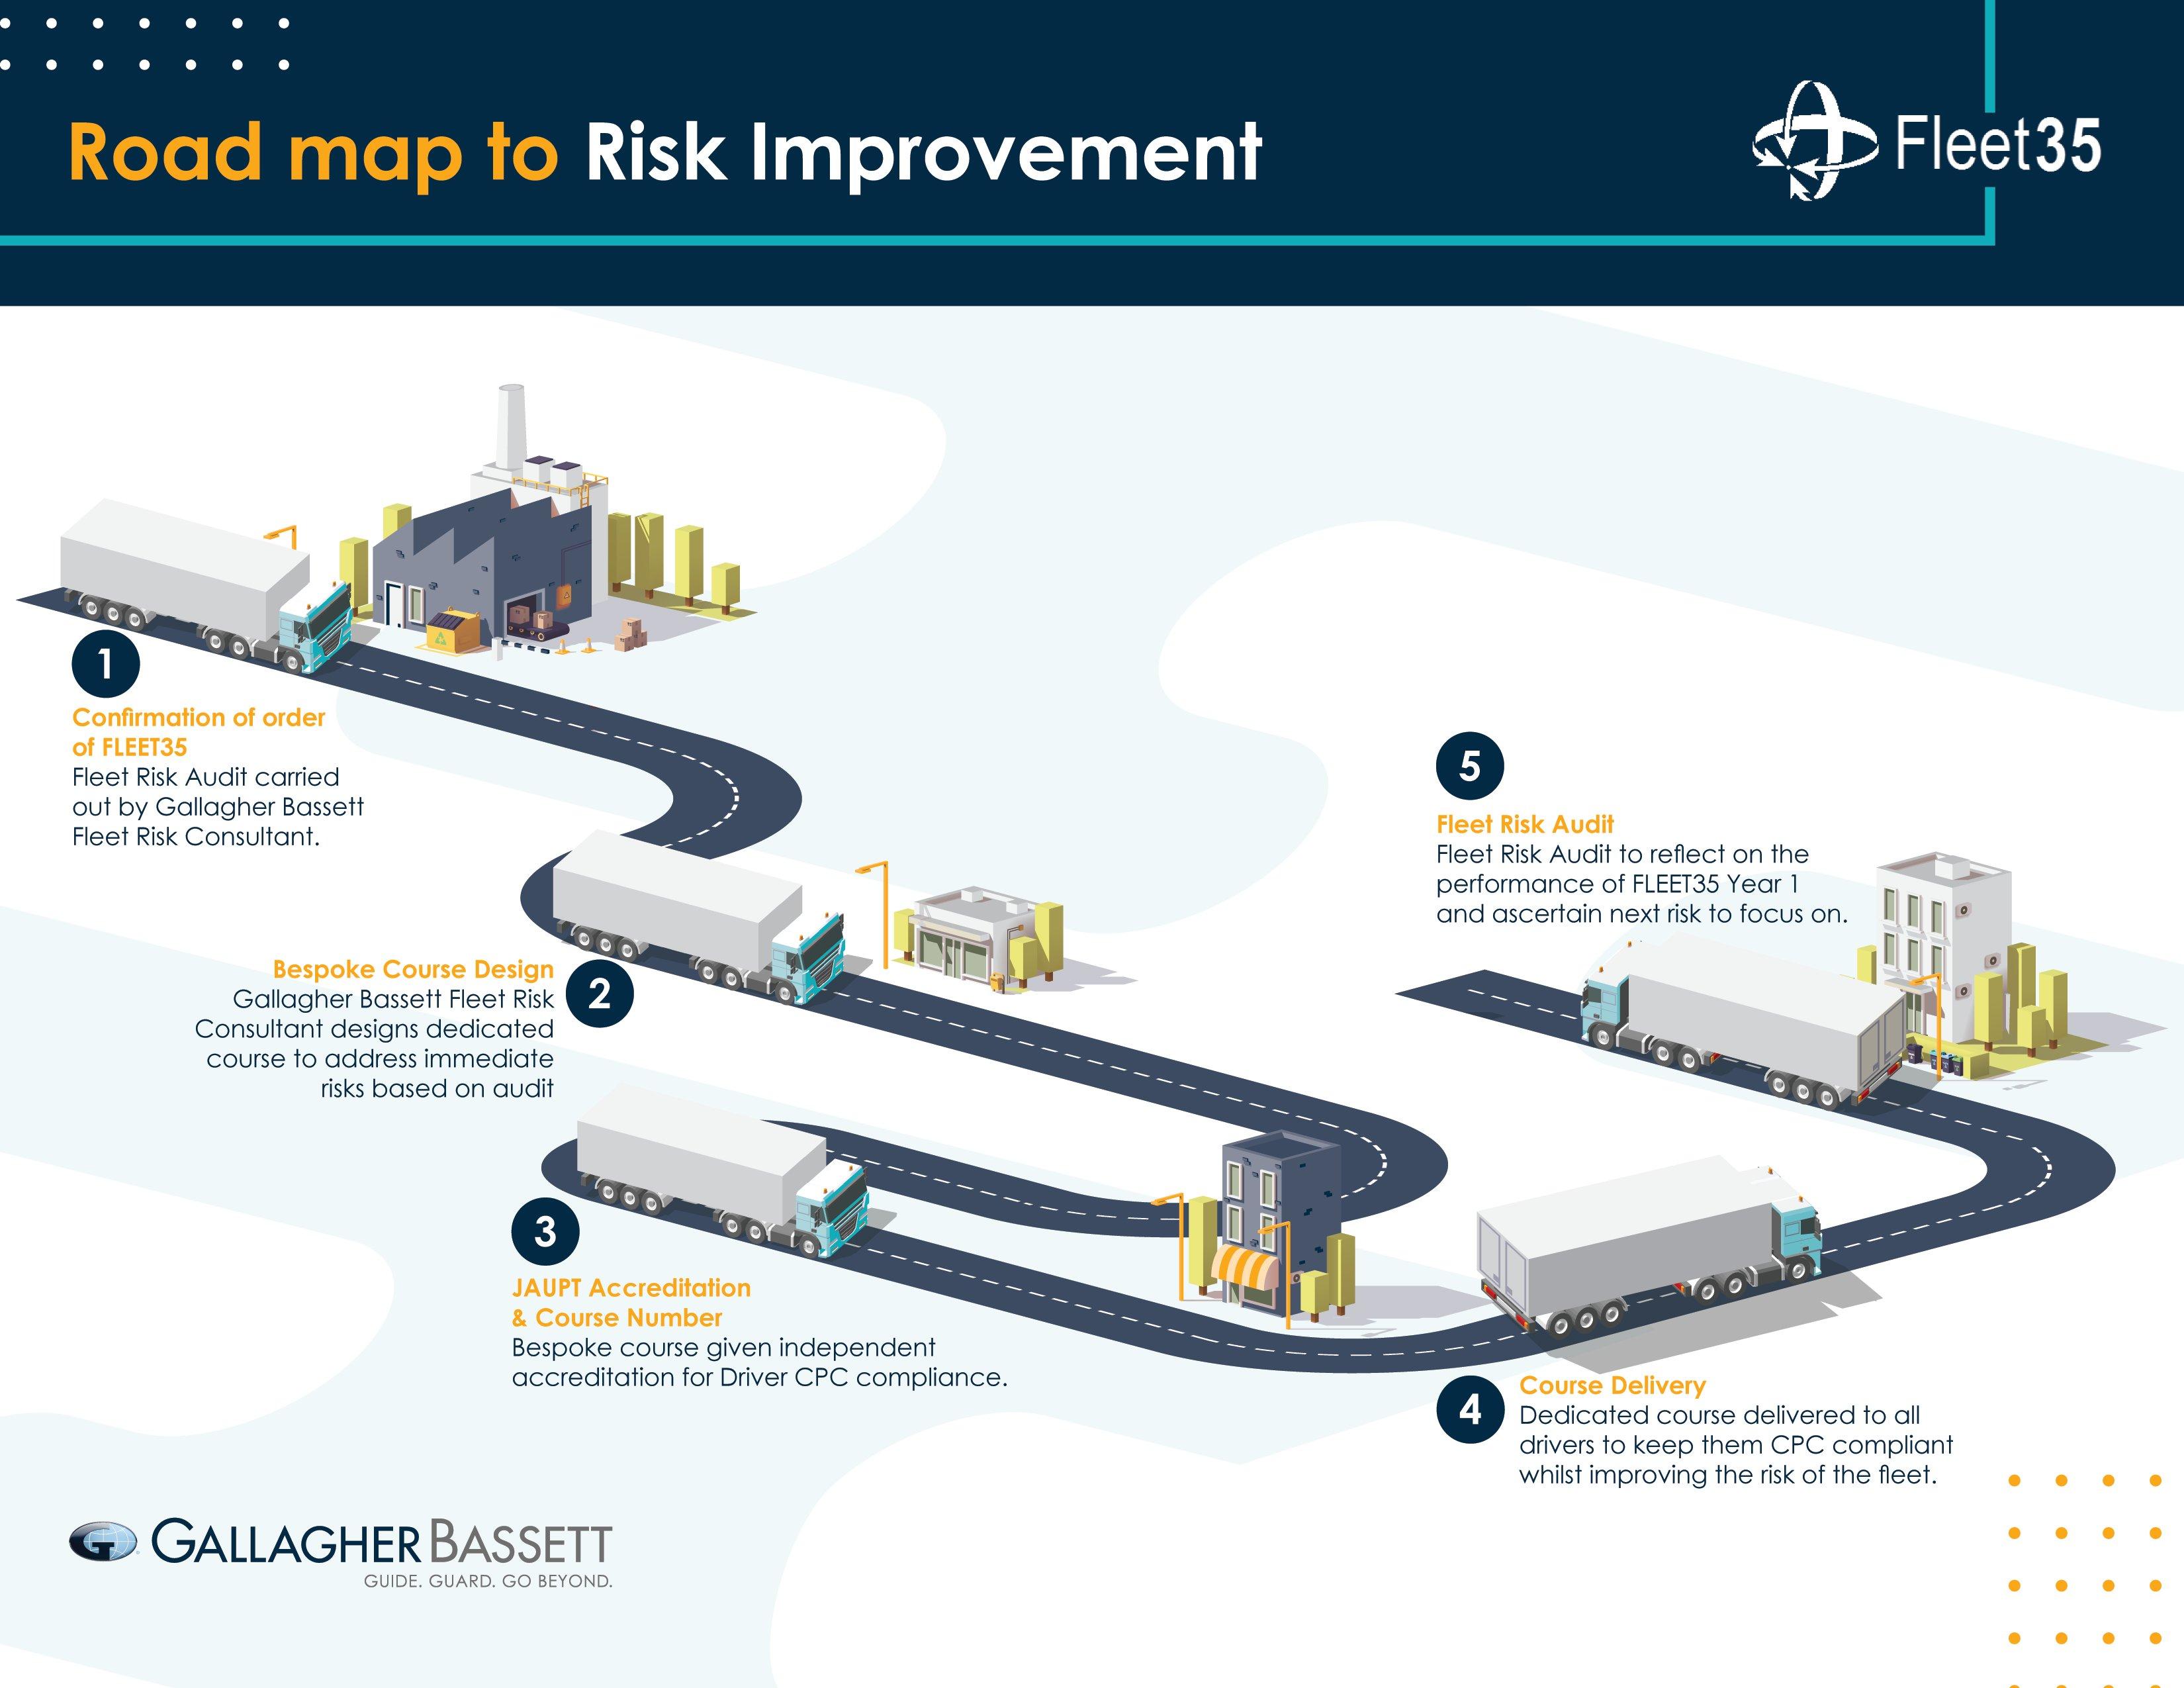 Fleet35 Roadmap